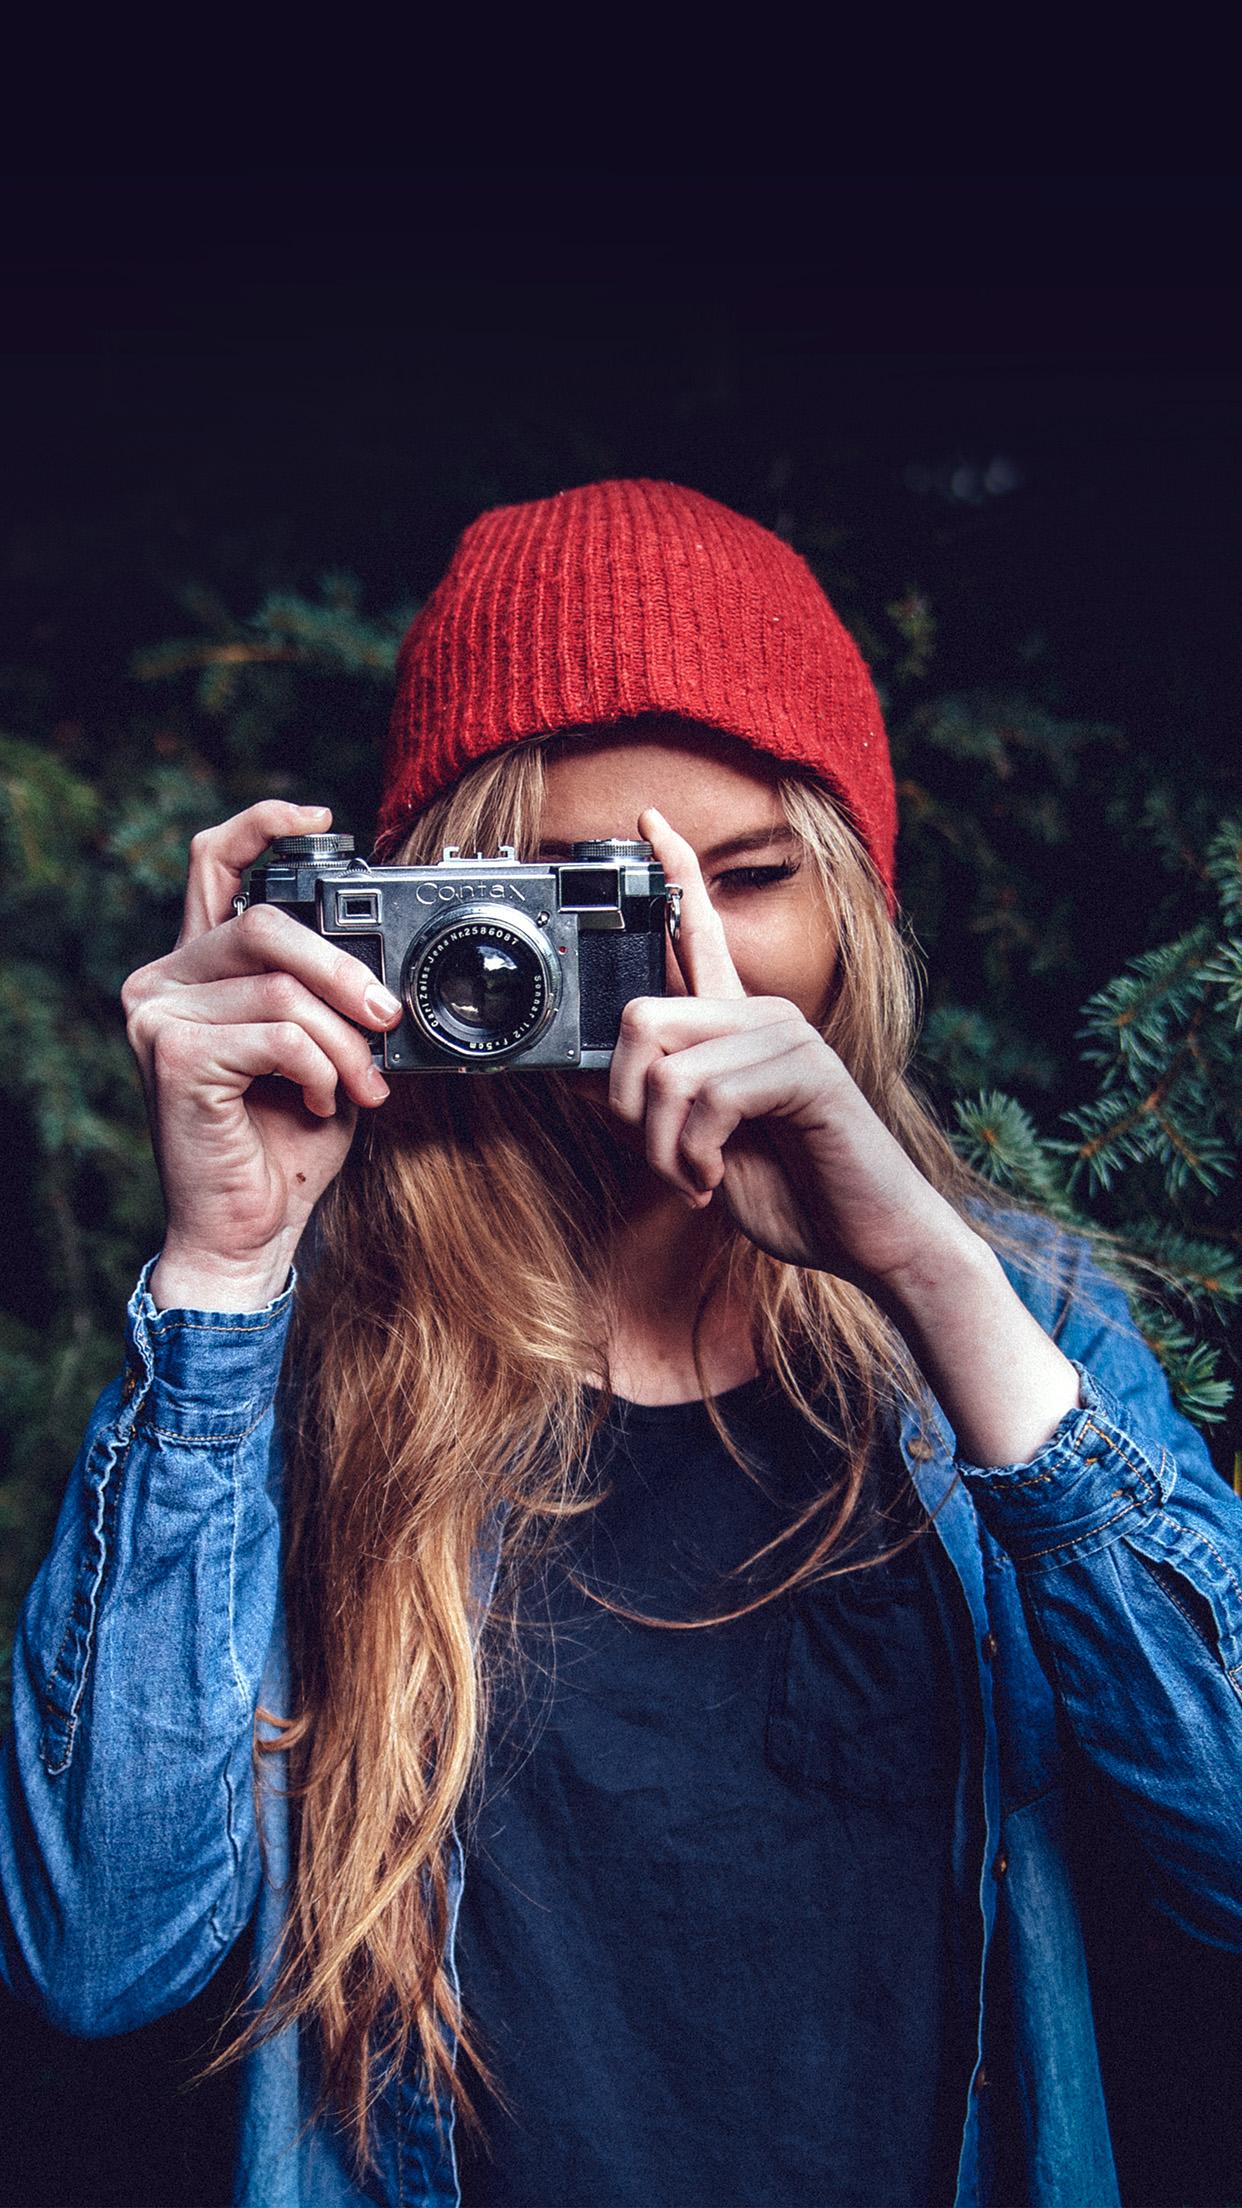 Photography Wallpaper Cute Girl 1242x2208 Download Hd Wallpaper Wallpapertip